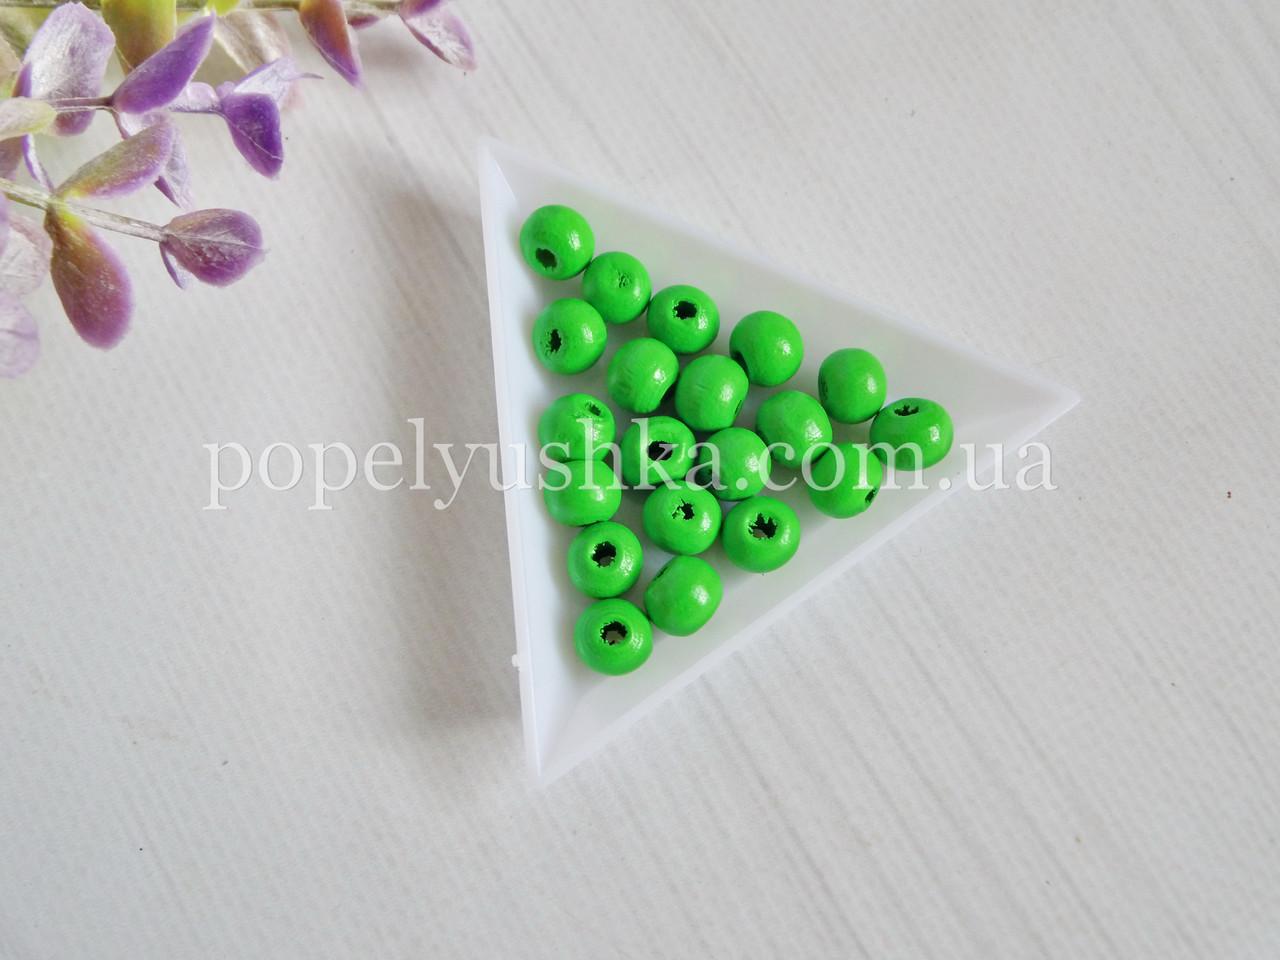 Намистини дерев'яні зелені 8 мм (20 шт)